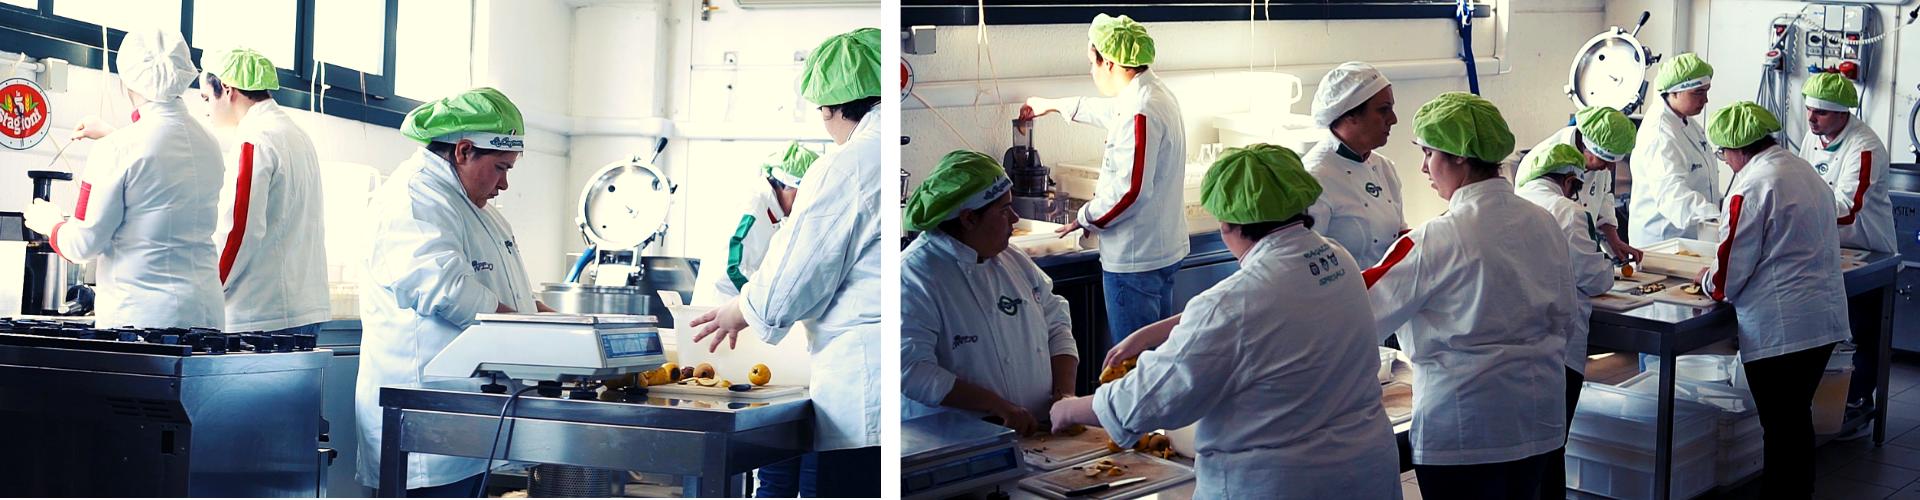 1555057598959902 sara rapini ragazzi speciali onlus presidente dell associazione essere stati scelti con il nostro progetto che vuole migliorare il laboratorio di trasformazione alimentare per noi una grande soddisfazione ma pi